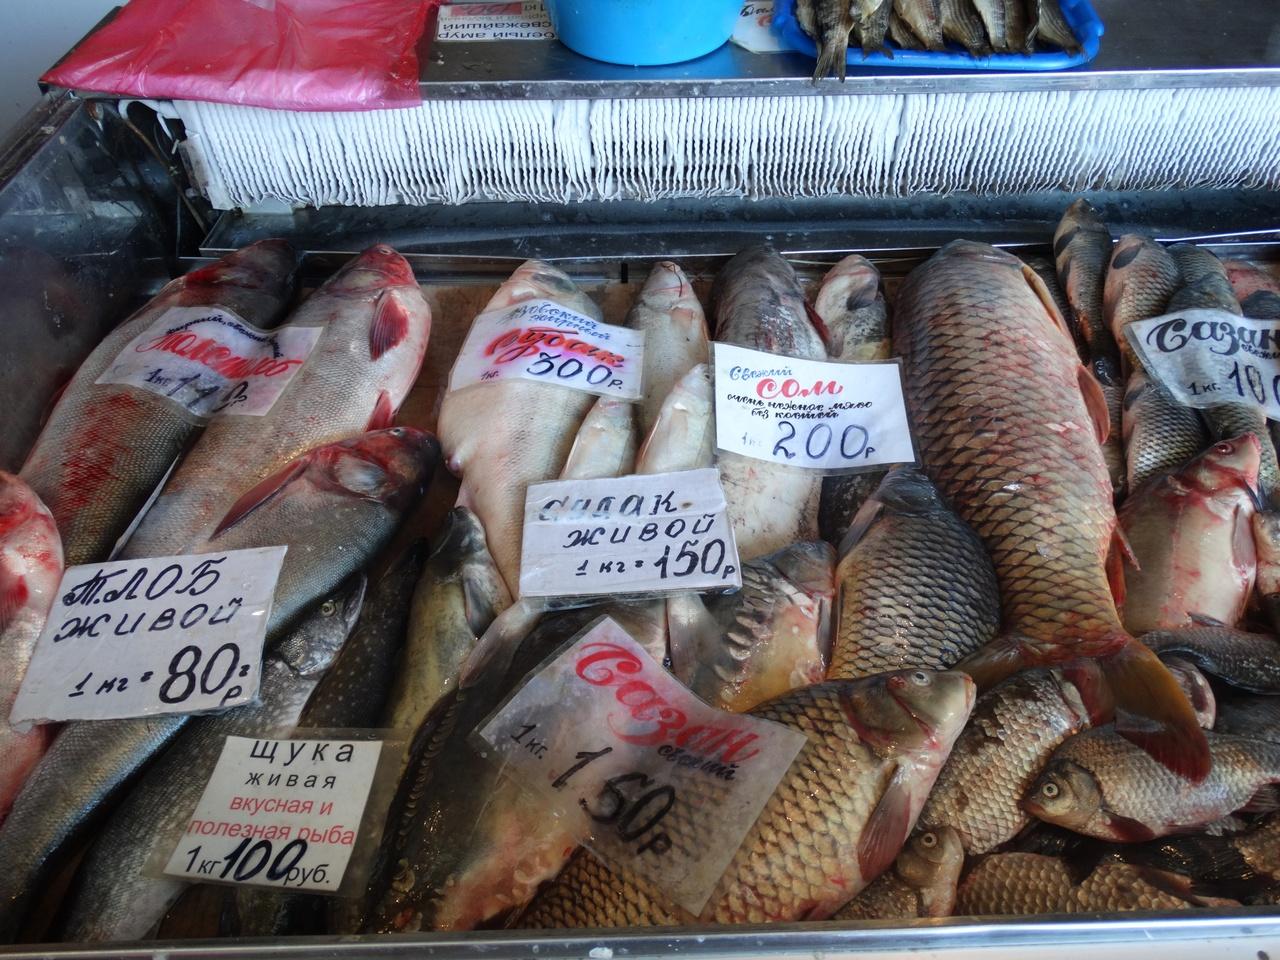 Вьетнамцы, у которых творчество в крови, раскладывают свежую рыбу на прилавки очень креативно